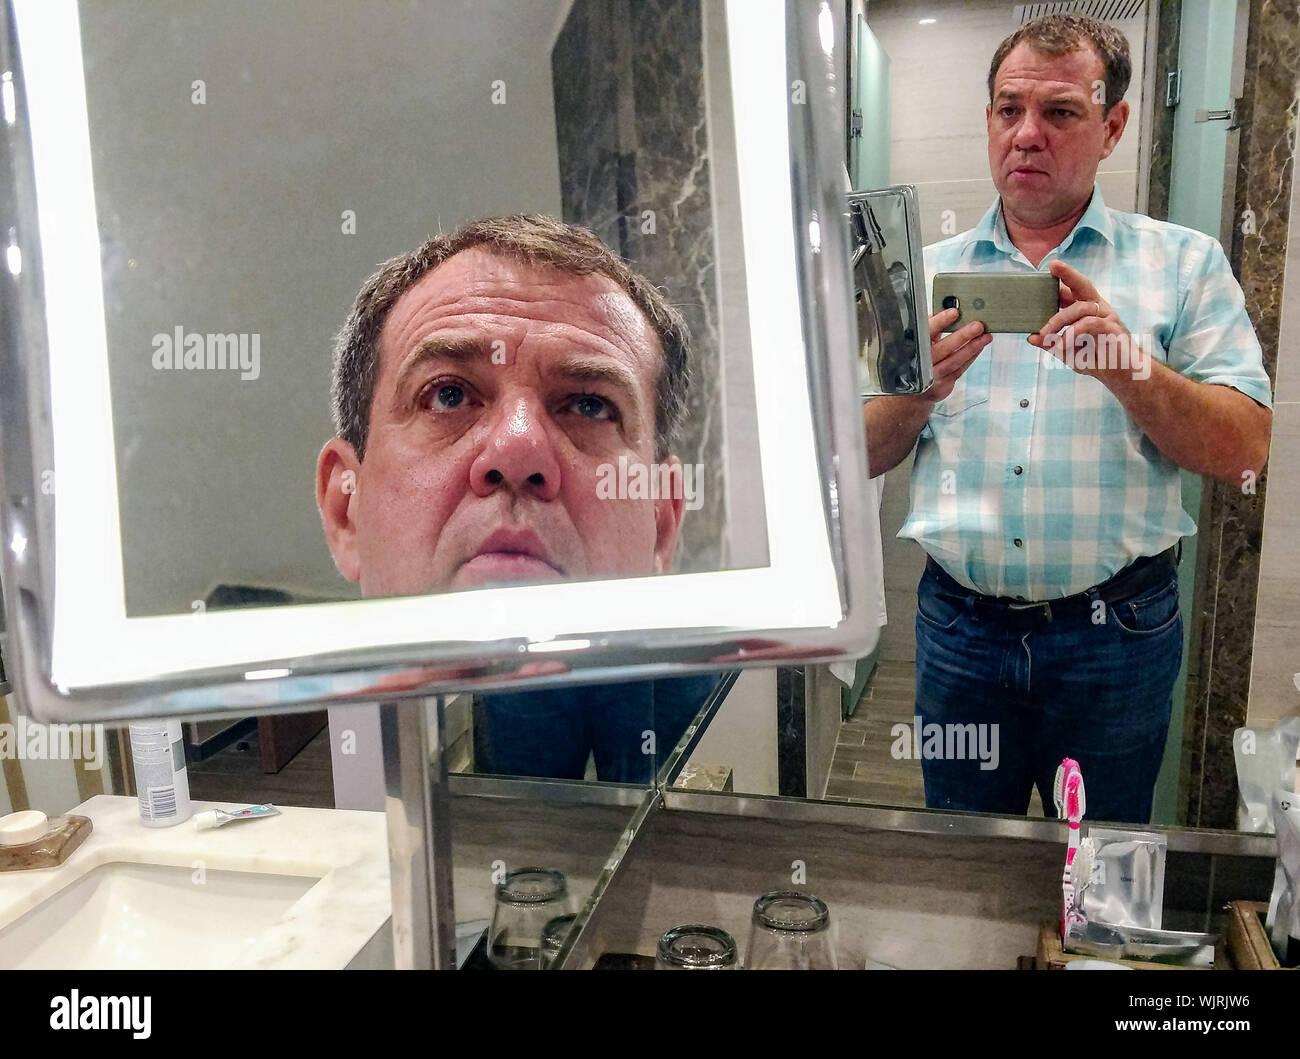 Selfie guy bathroom The 8